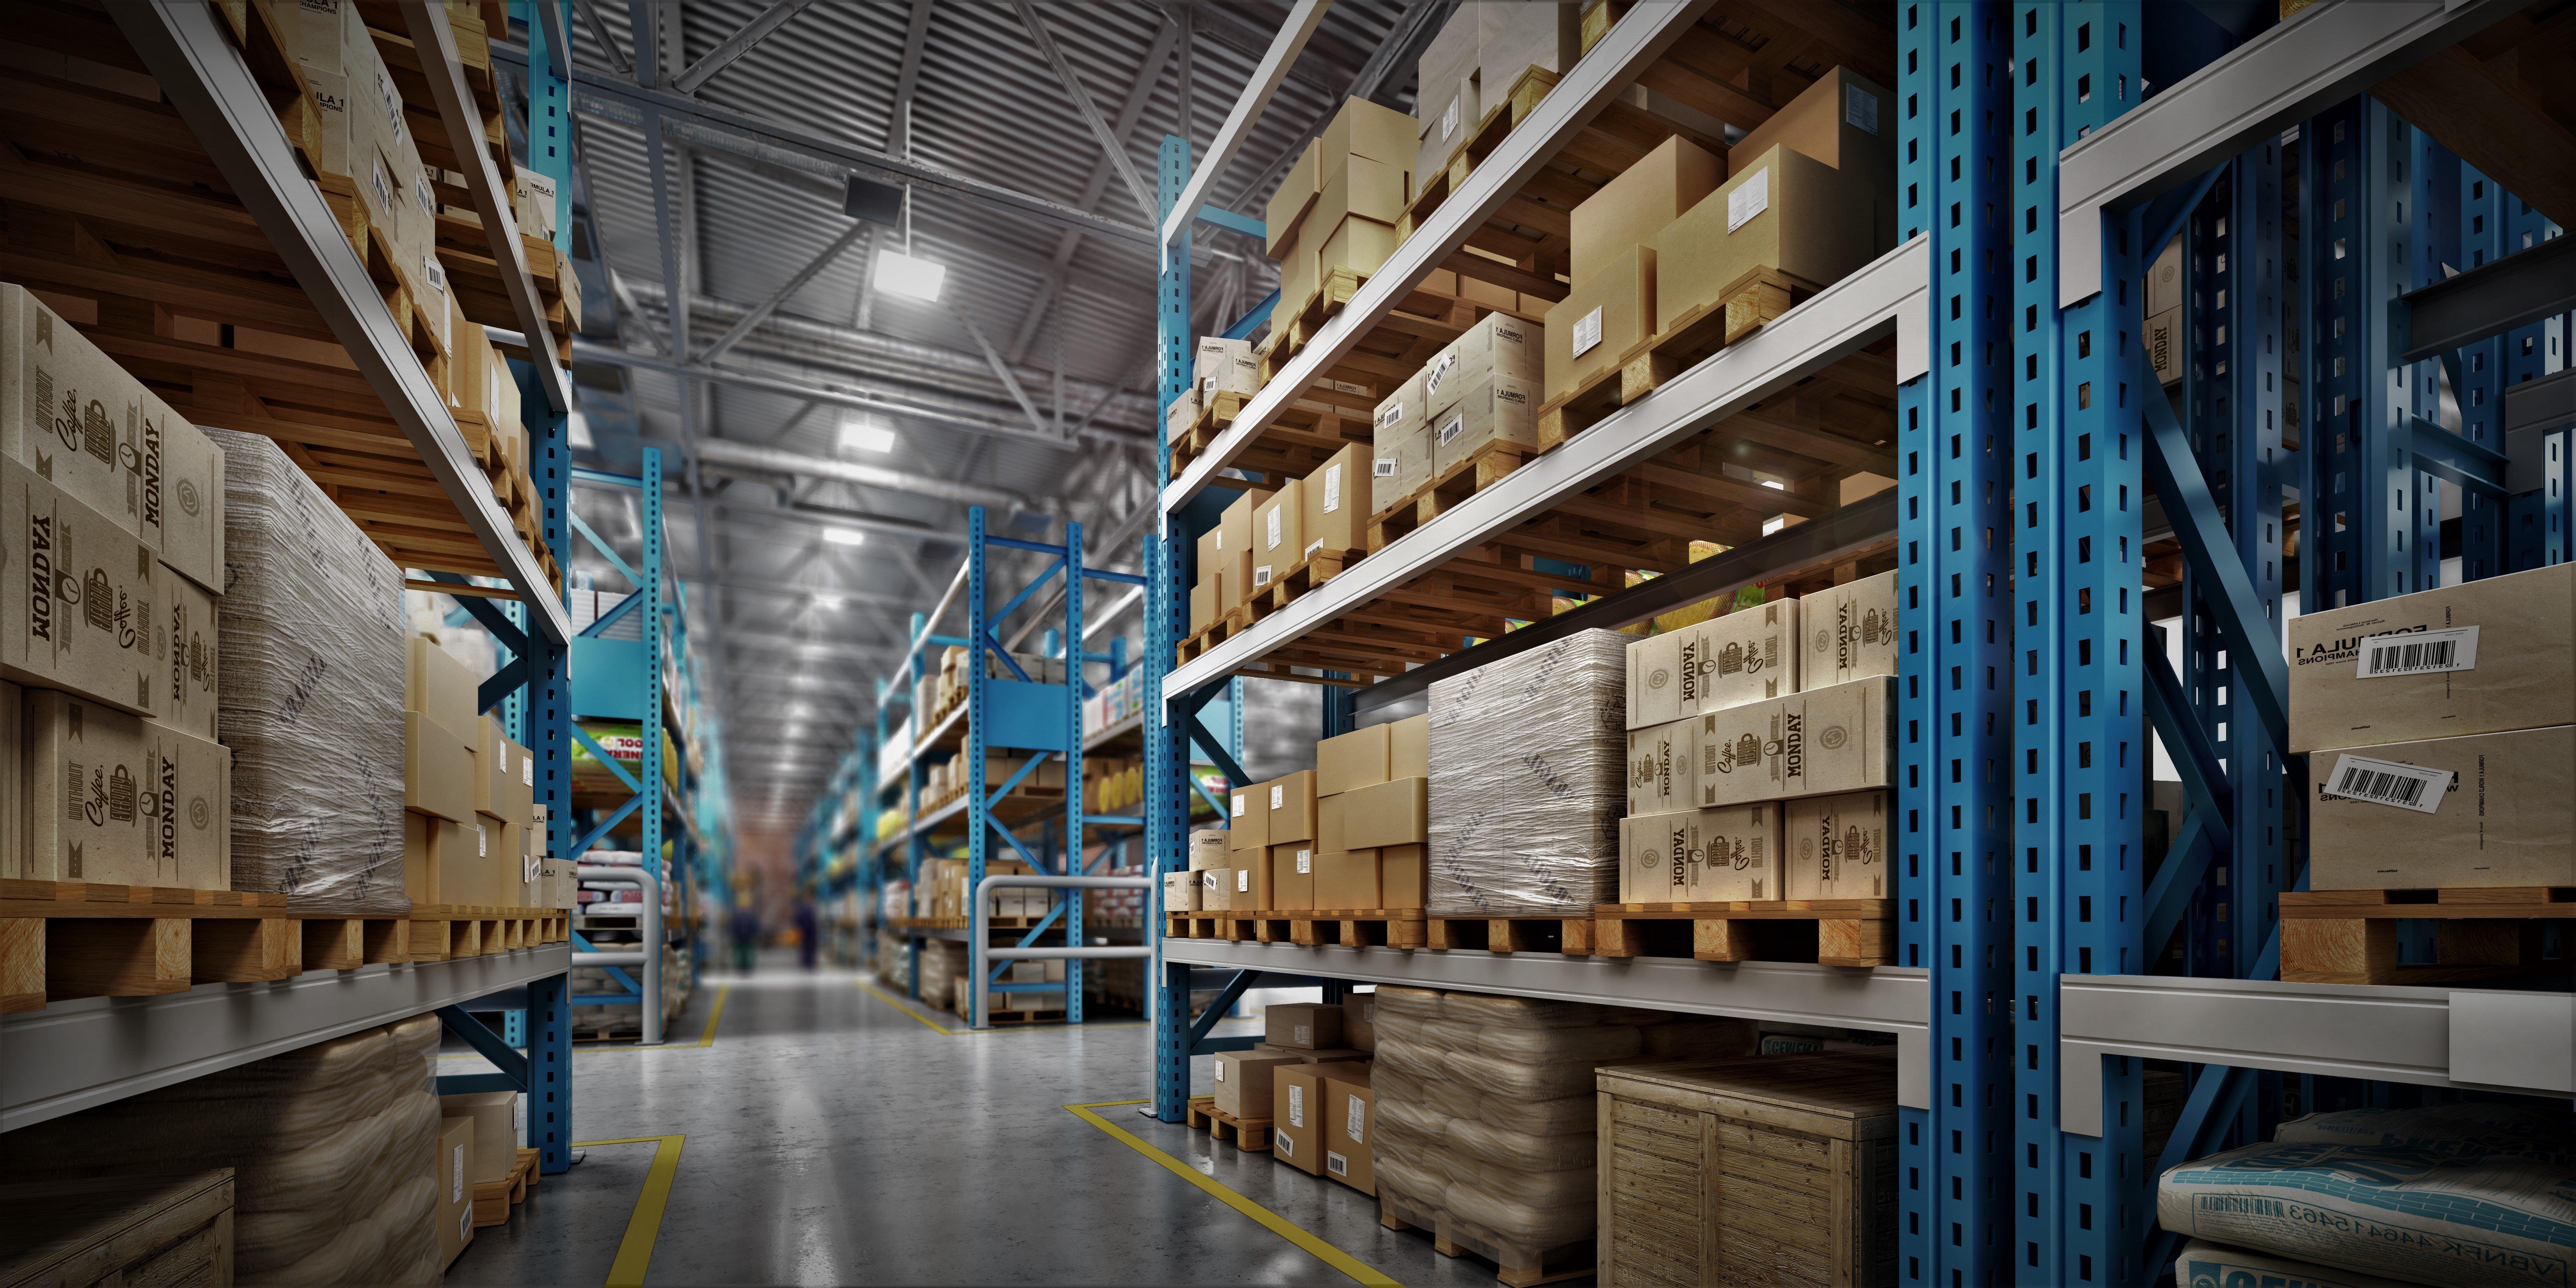 Warehouse full of cargo